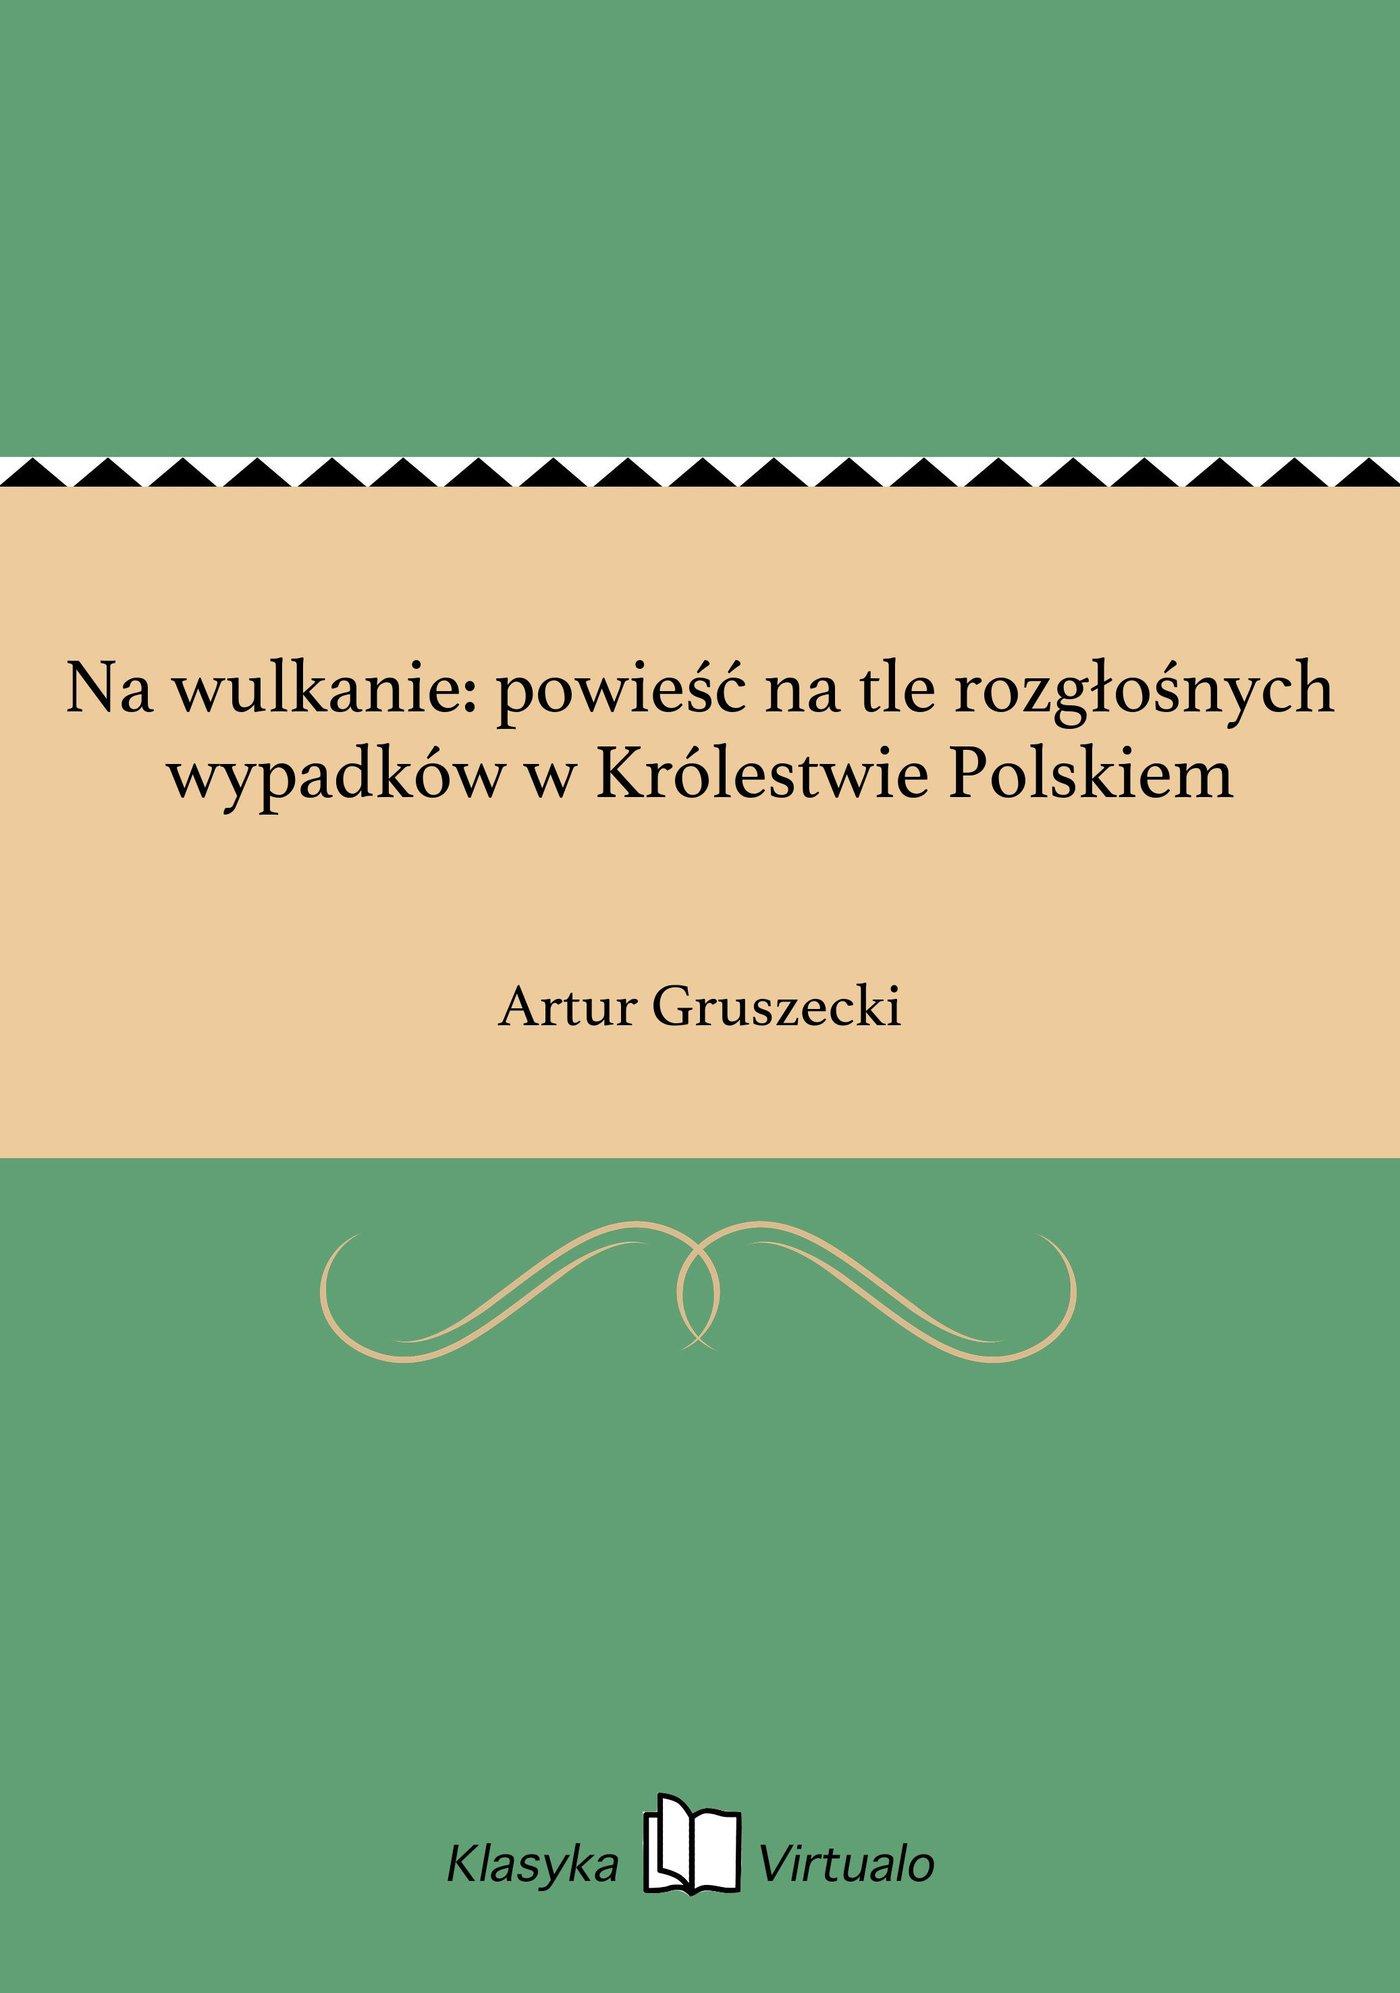 Na wulkanie: powieść na tle rozgłośnych wypadków w Królestwie Polskiem - Ebook (Książka na Kindle) do pobrania w formacie MOBI